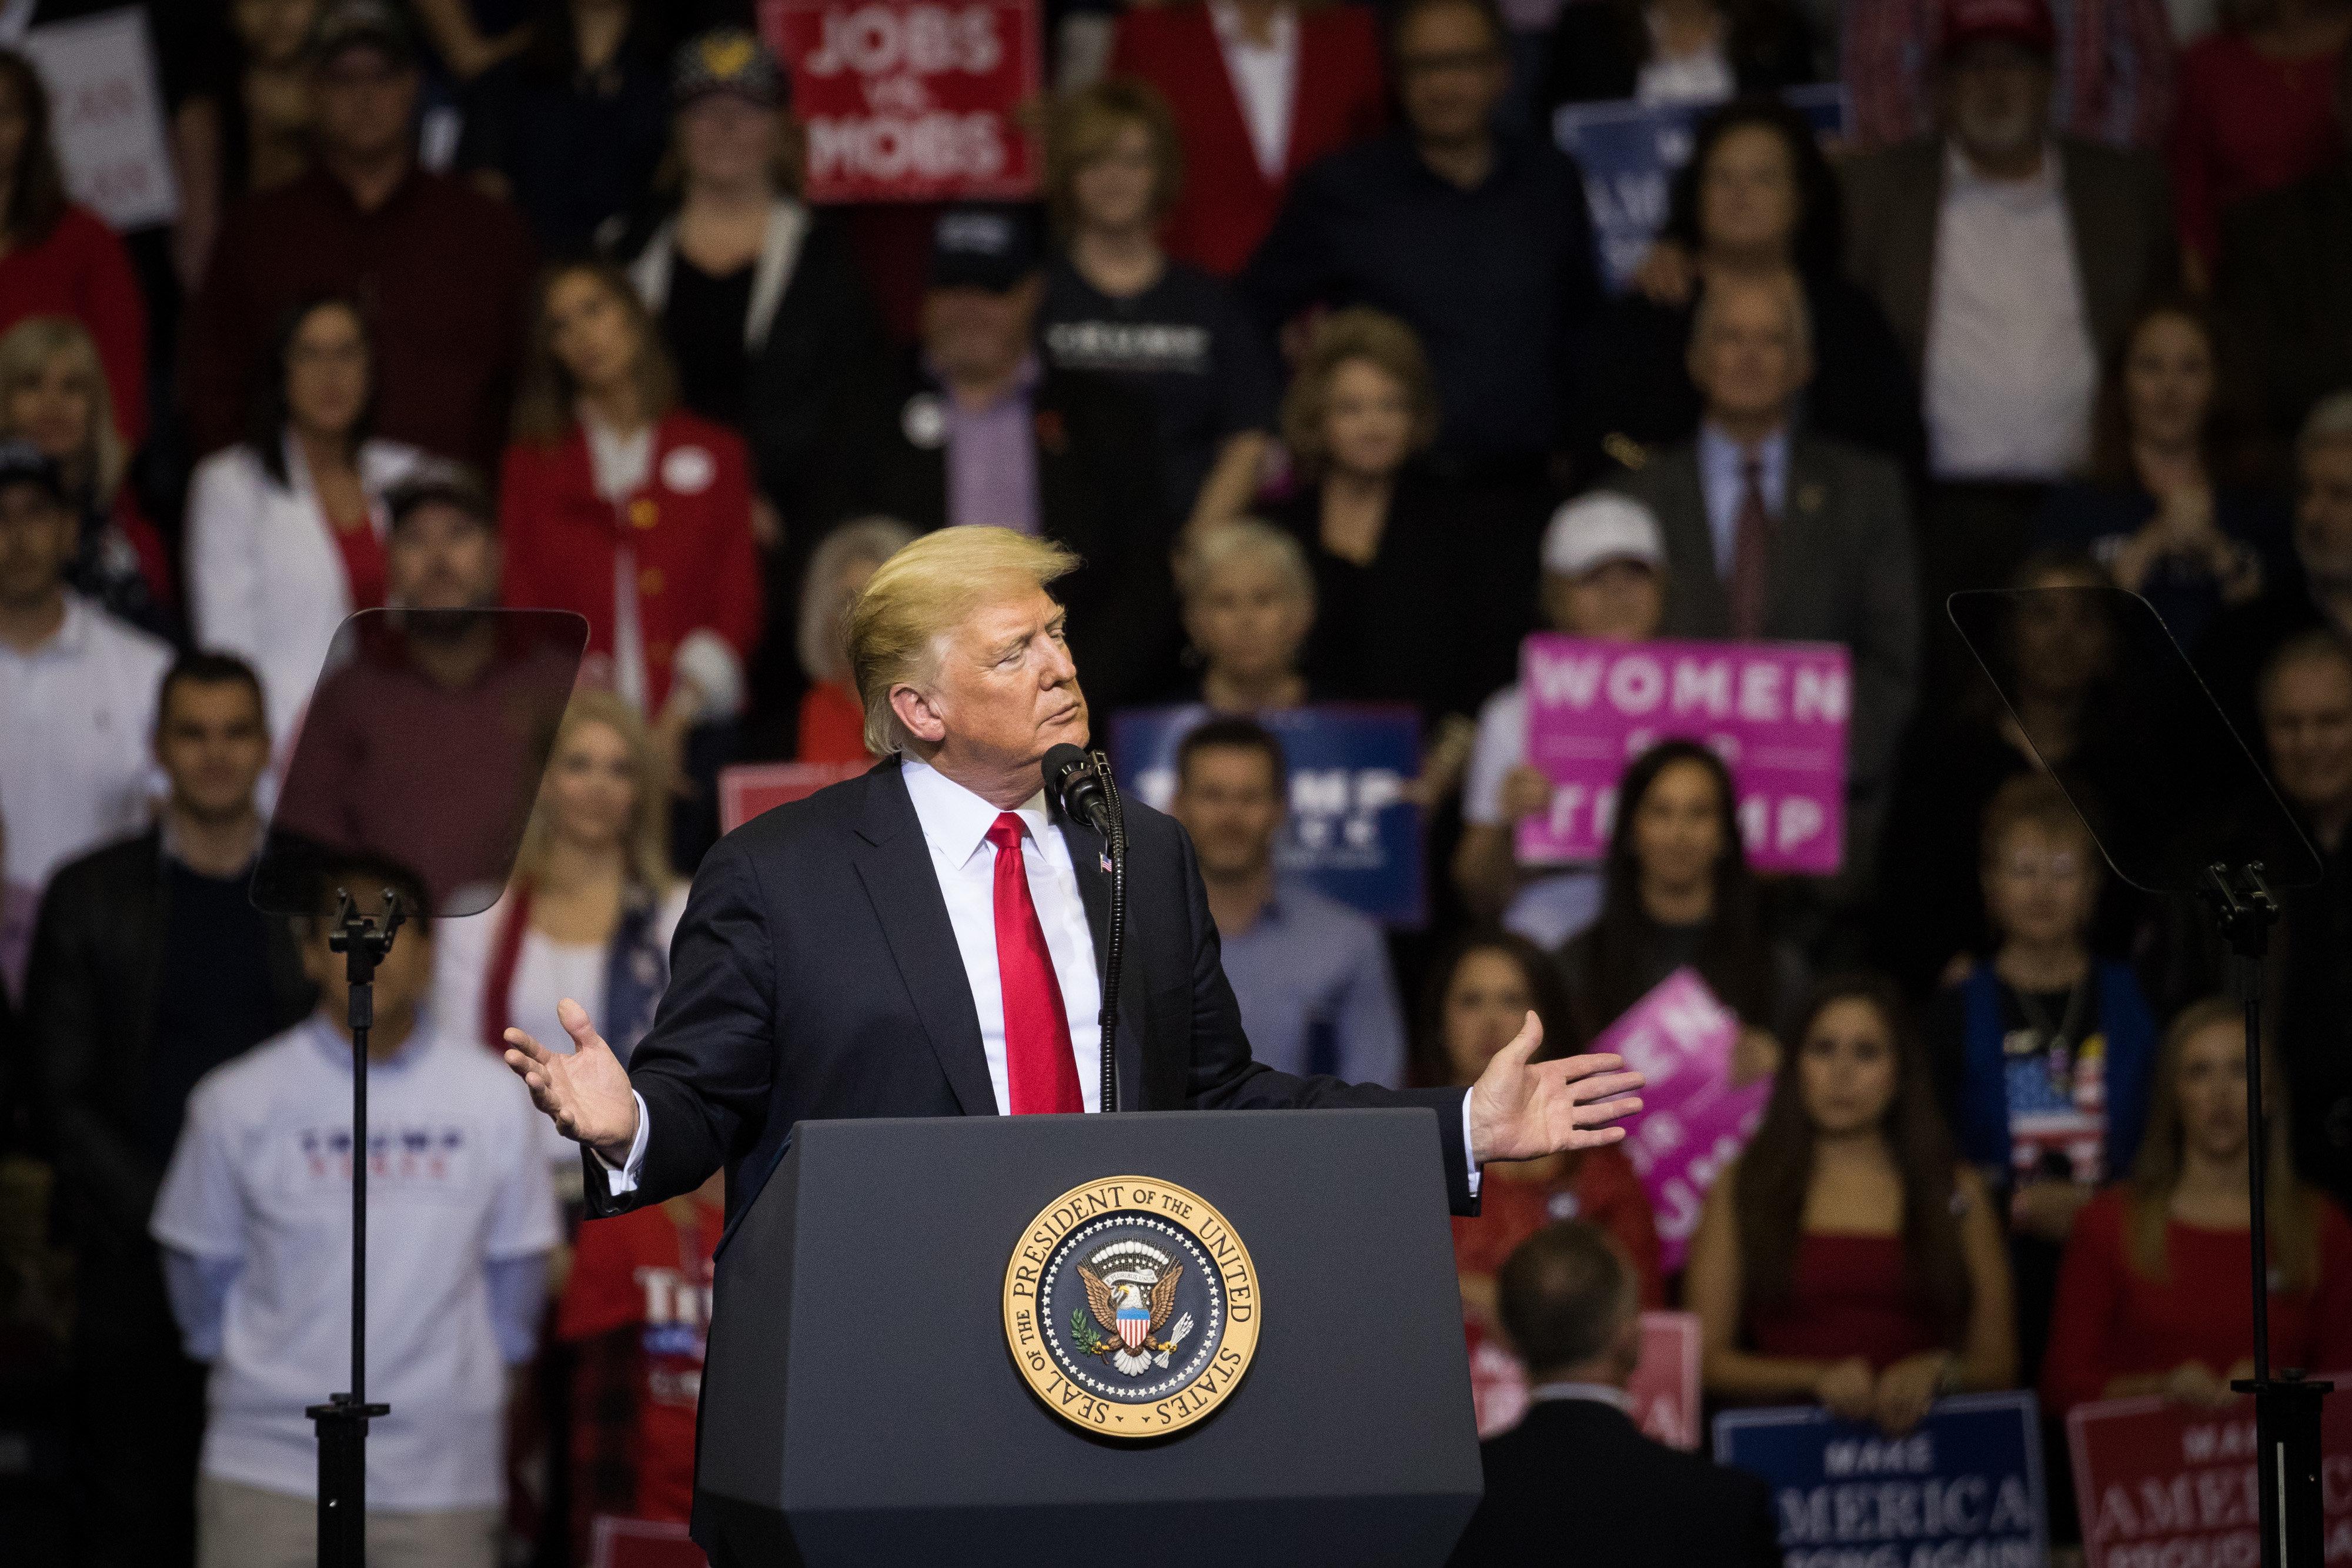 '폭발물 소포' 배달 사건을 규탄한 트럼프가 언론을 탓했다